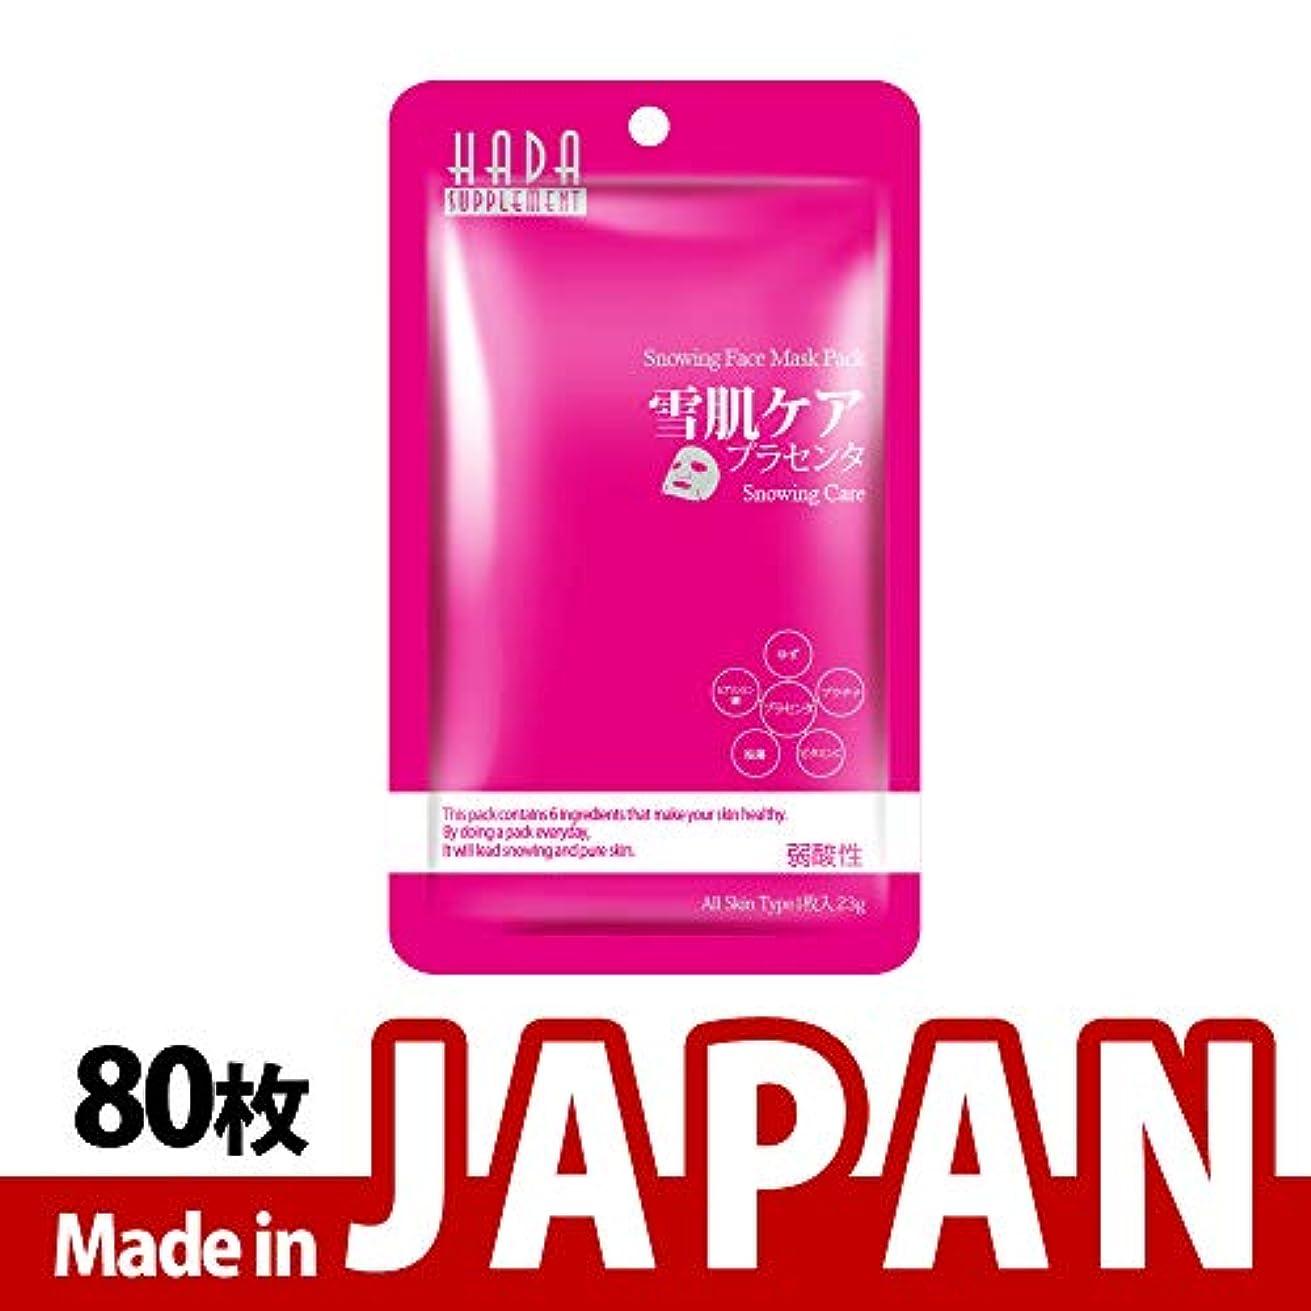 滅多層スキッパー【HS001-A-4】シートマスク日本製/10枚入り/80枚/美容液/マスクパック/送料無料